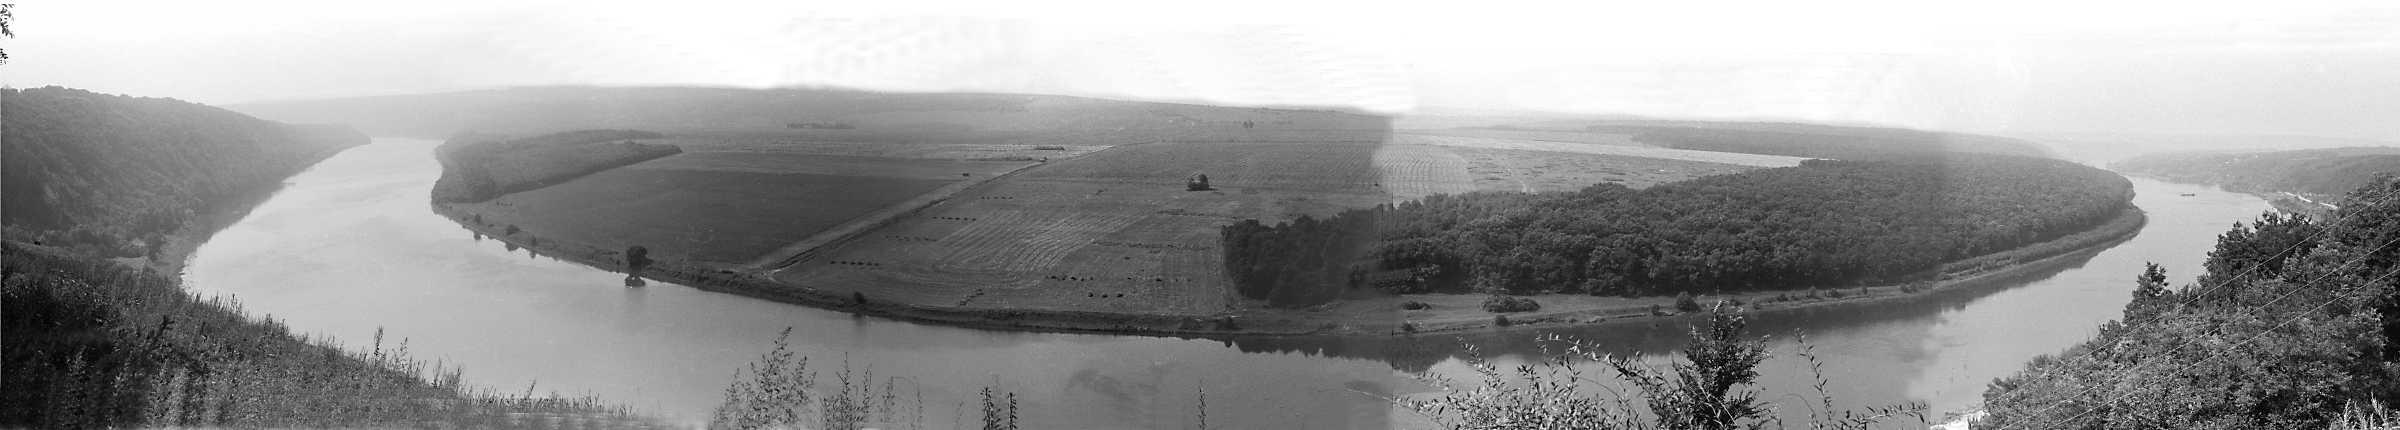 1991 р. Панорама луки Дністра у с. Дзвенигород